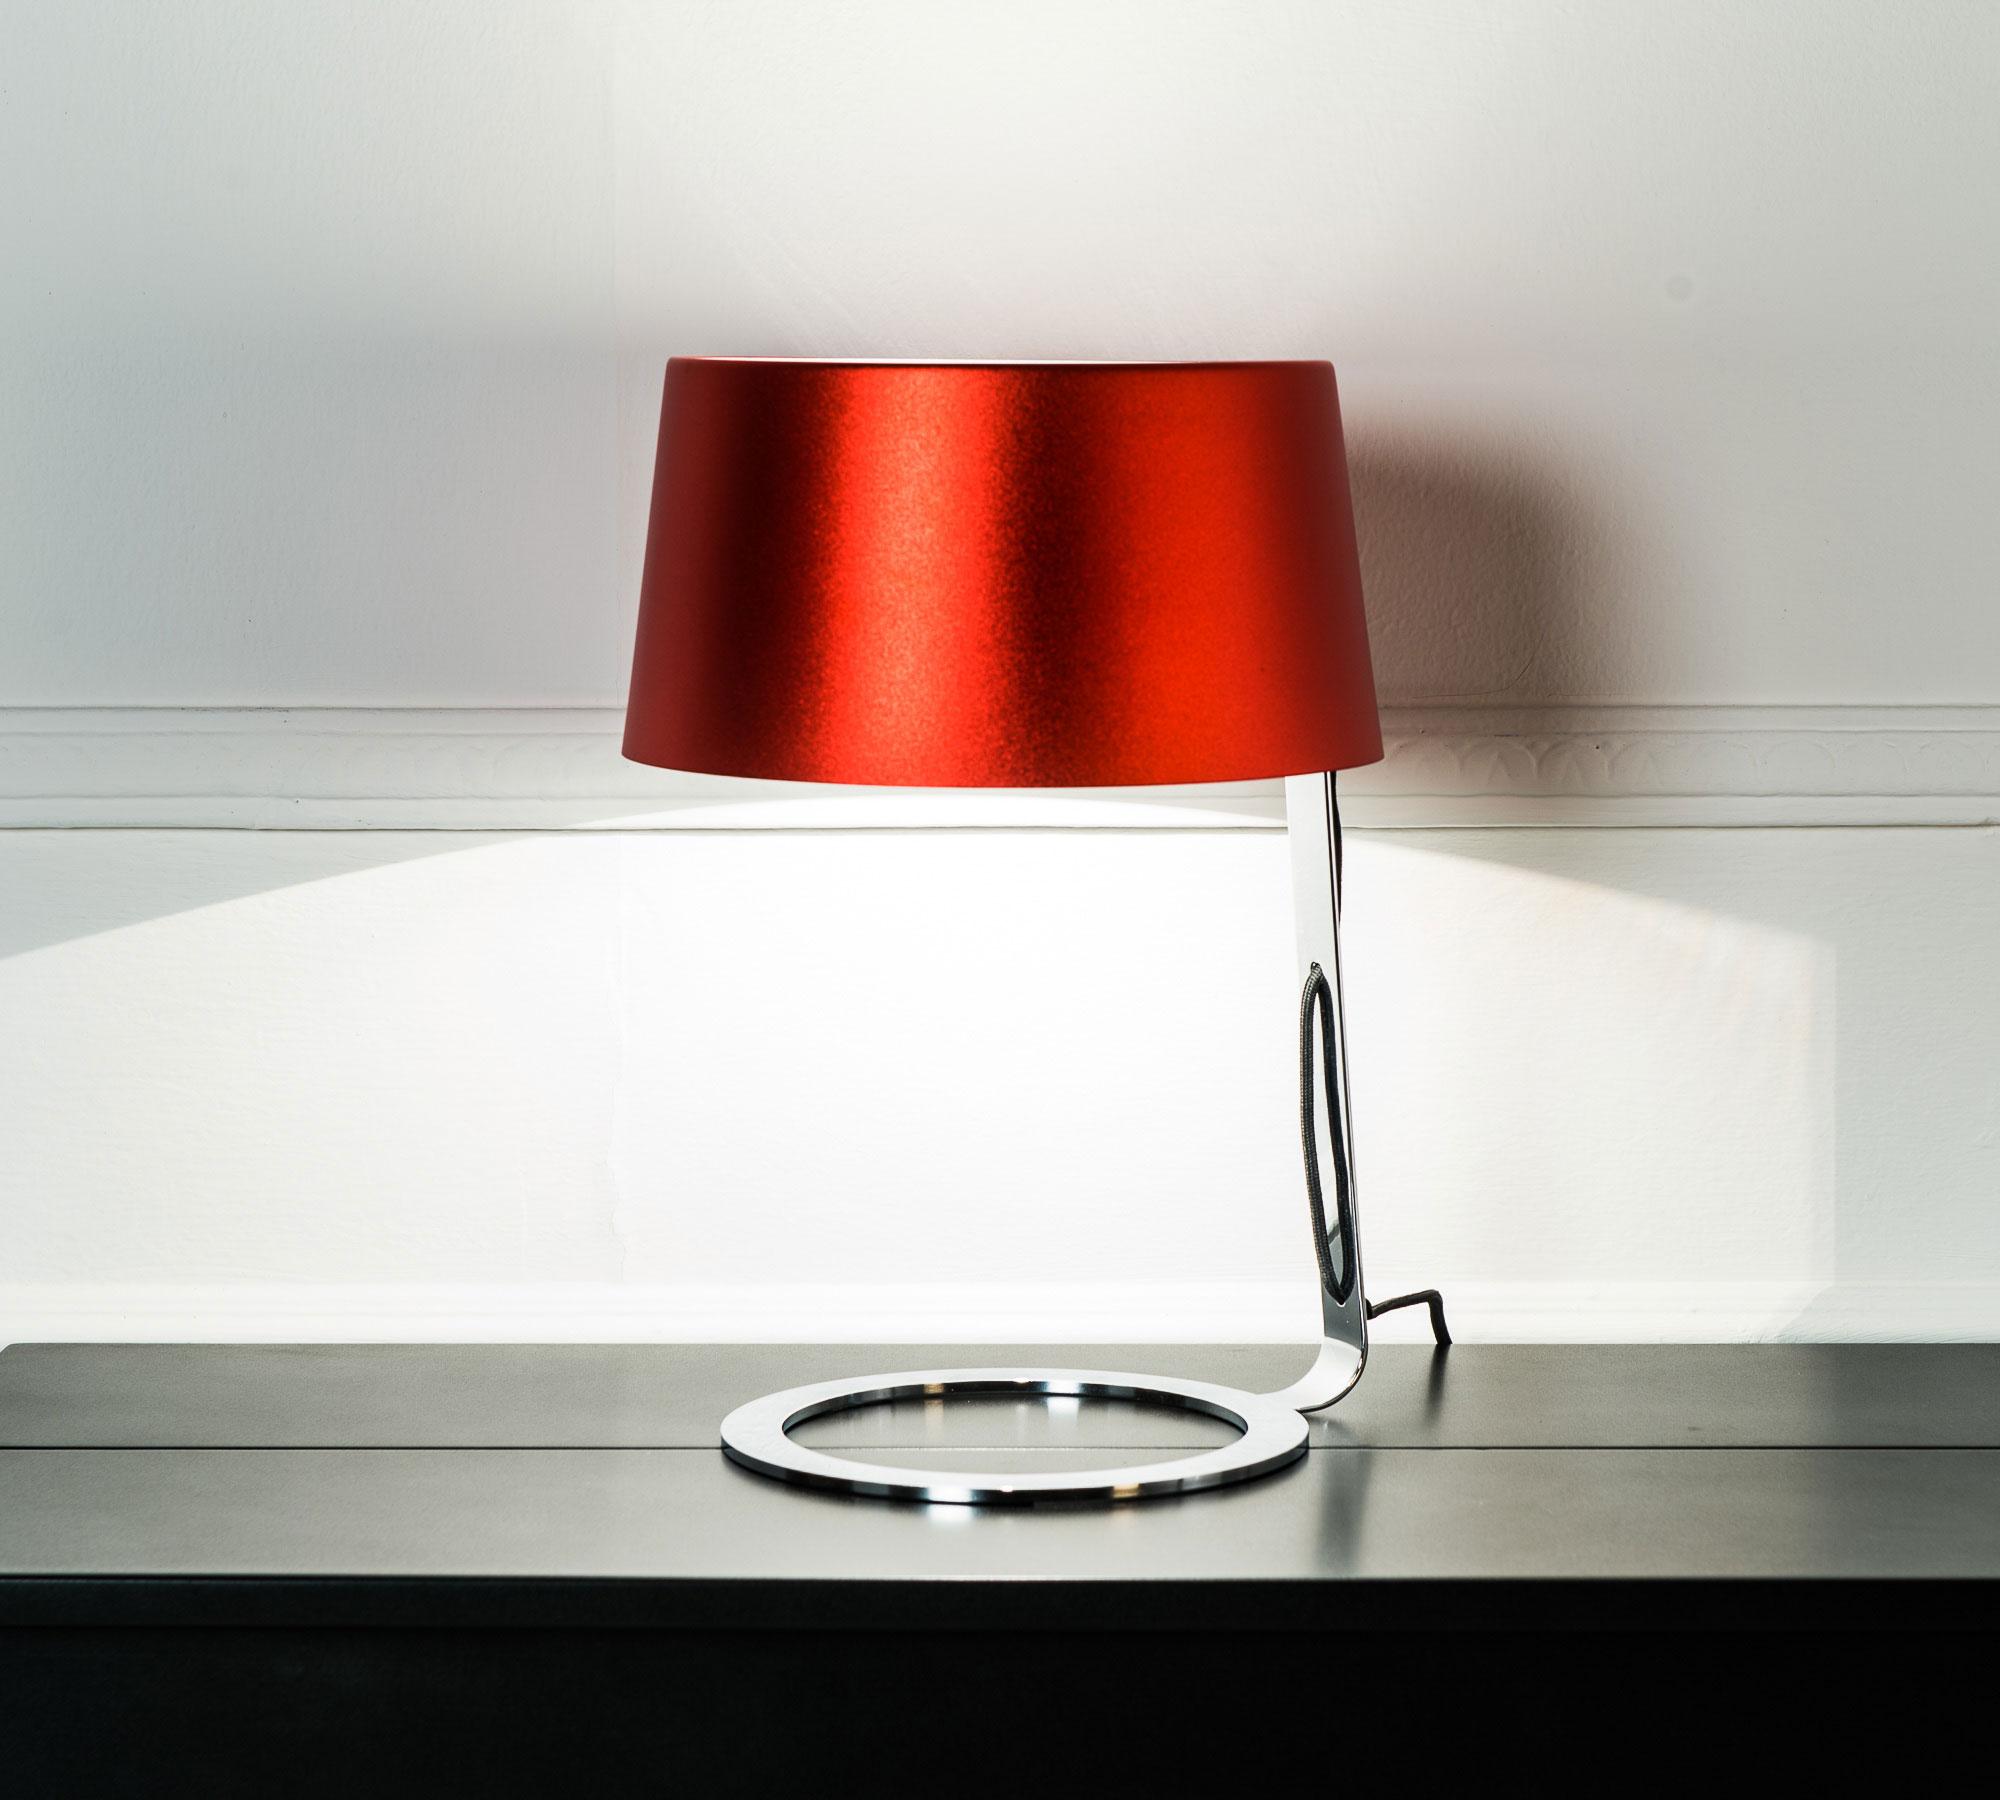 Lampada da tavolo rossa media la 033 br duzzle for Ikea lampade da tavolo